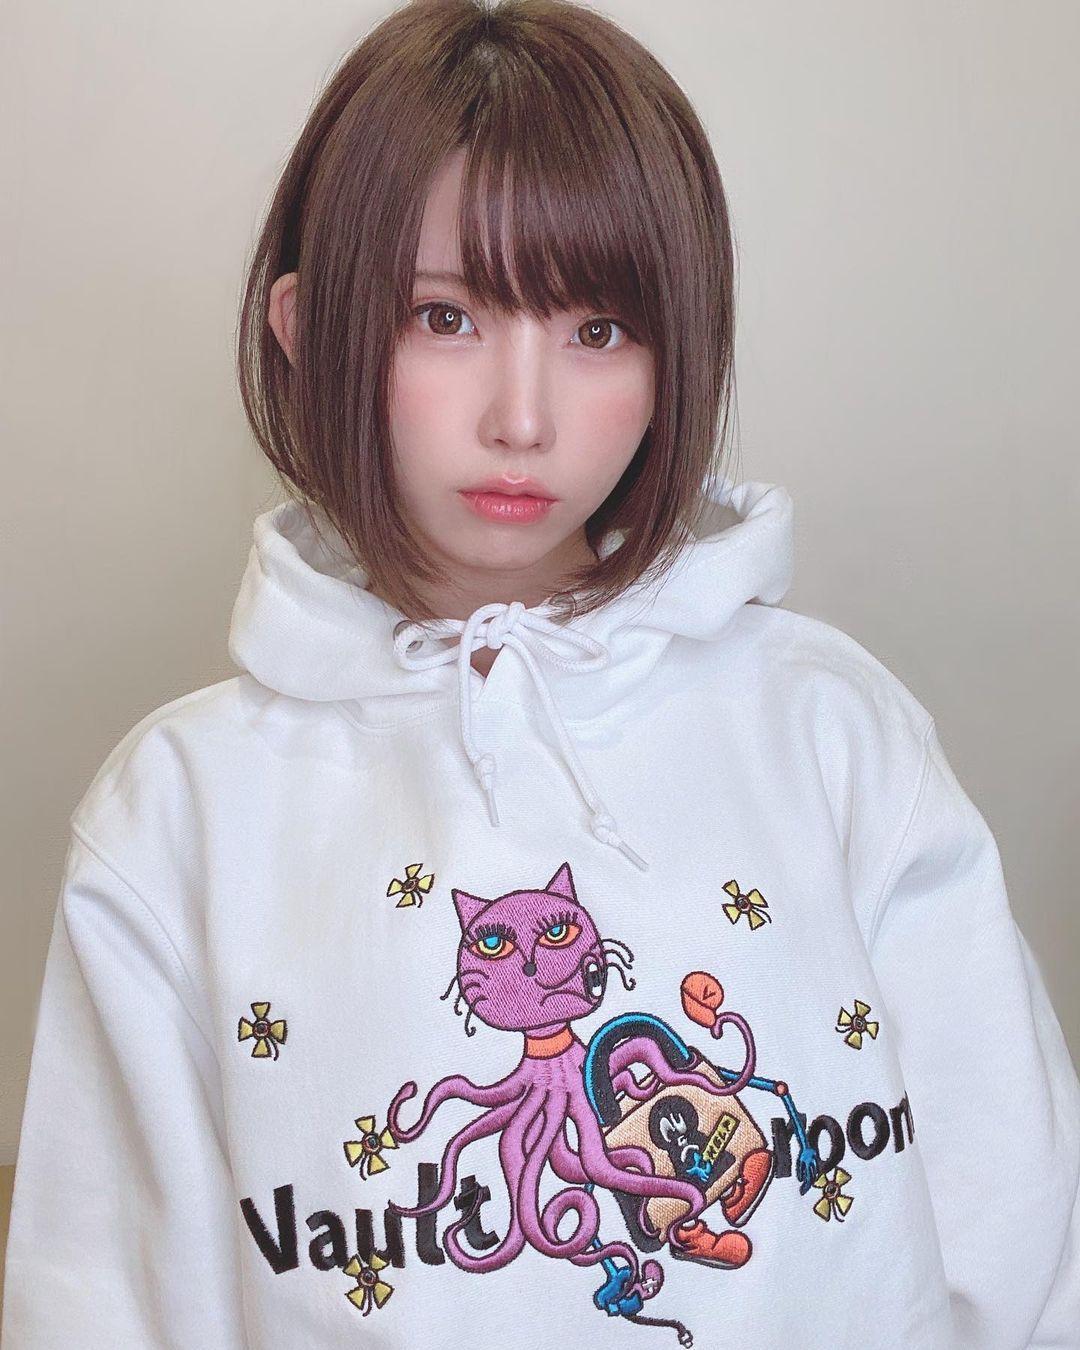 日本百万Coser 再出写真Enako 曝光短发+E造型散发青春活力 网络美女 第3张